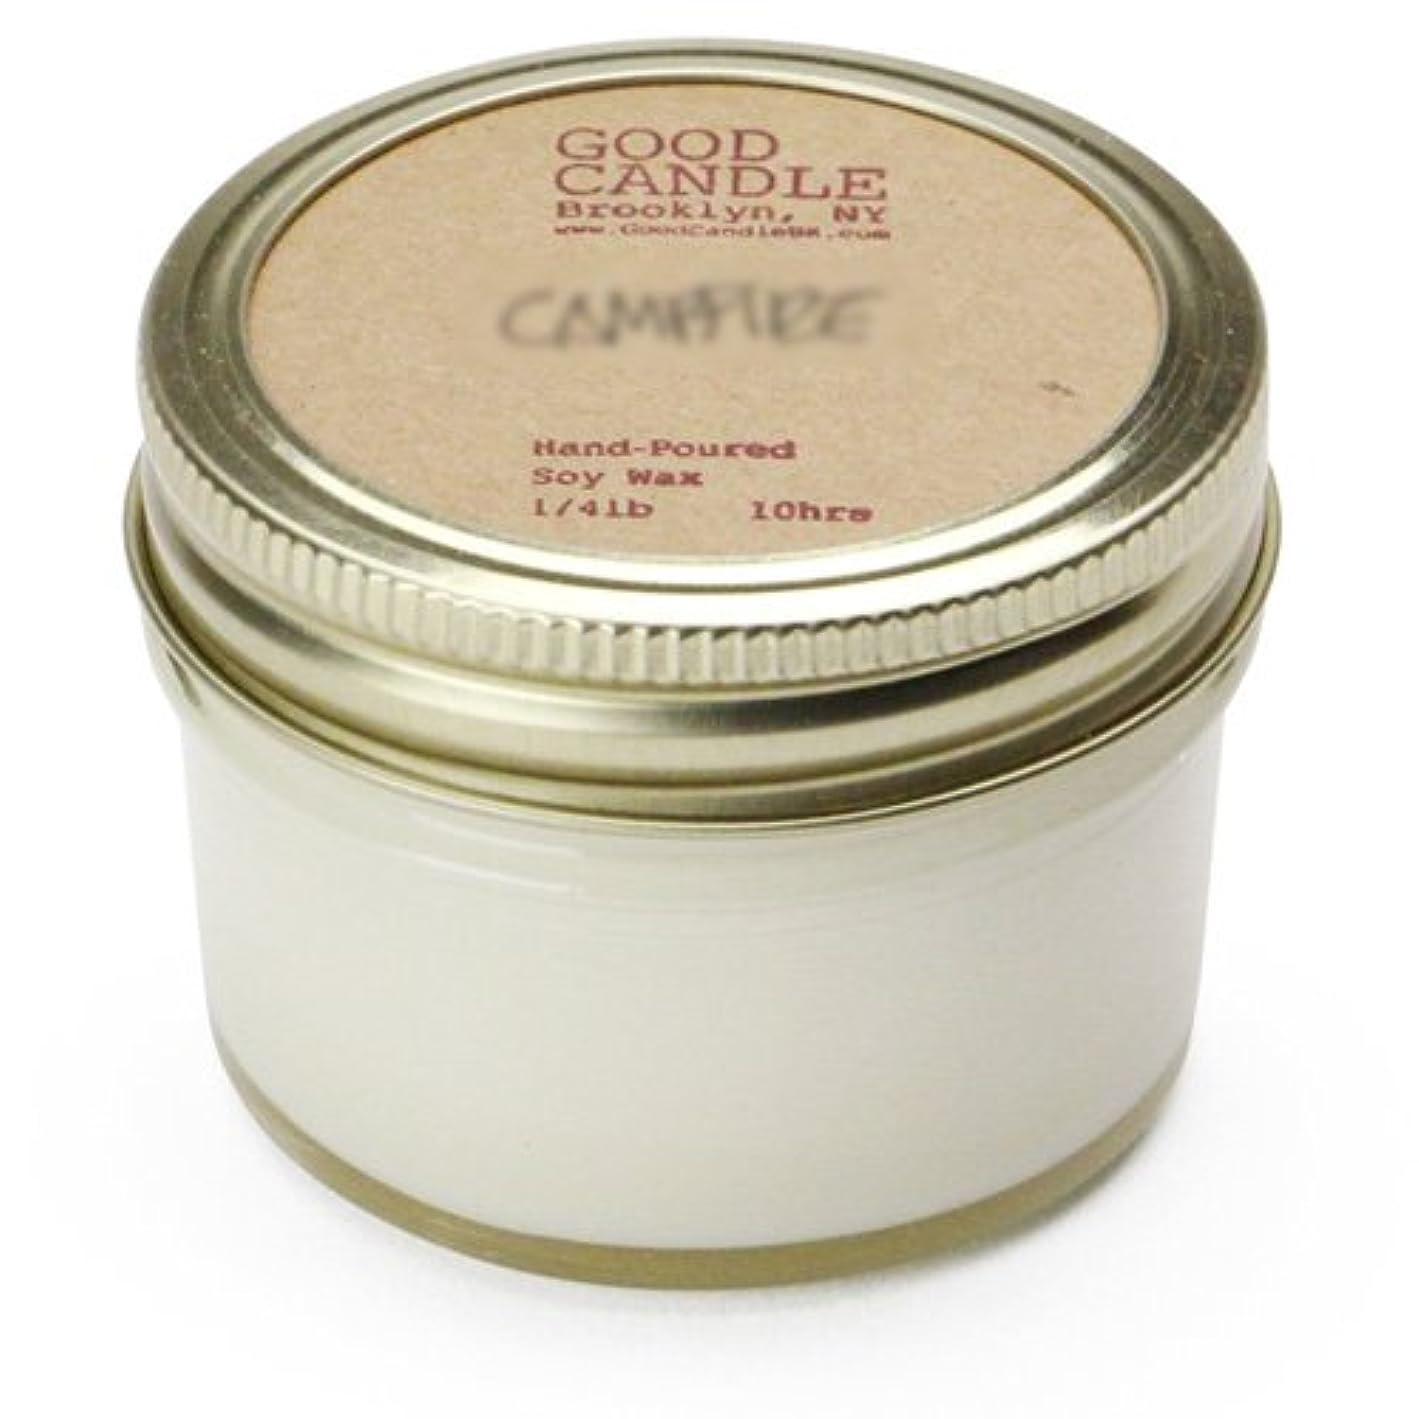 週末雪だるまを作る特徴づけるグッドキャンドル 1/4ポンド ゼリージャー キャンドル Good Candle 1/4LB Jelly jar candle [ Basil ] 正規品